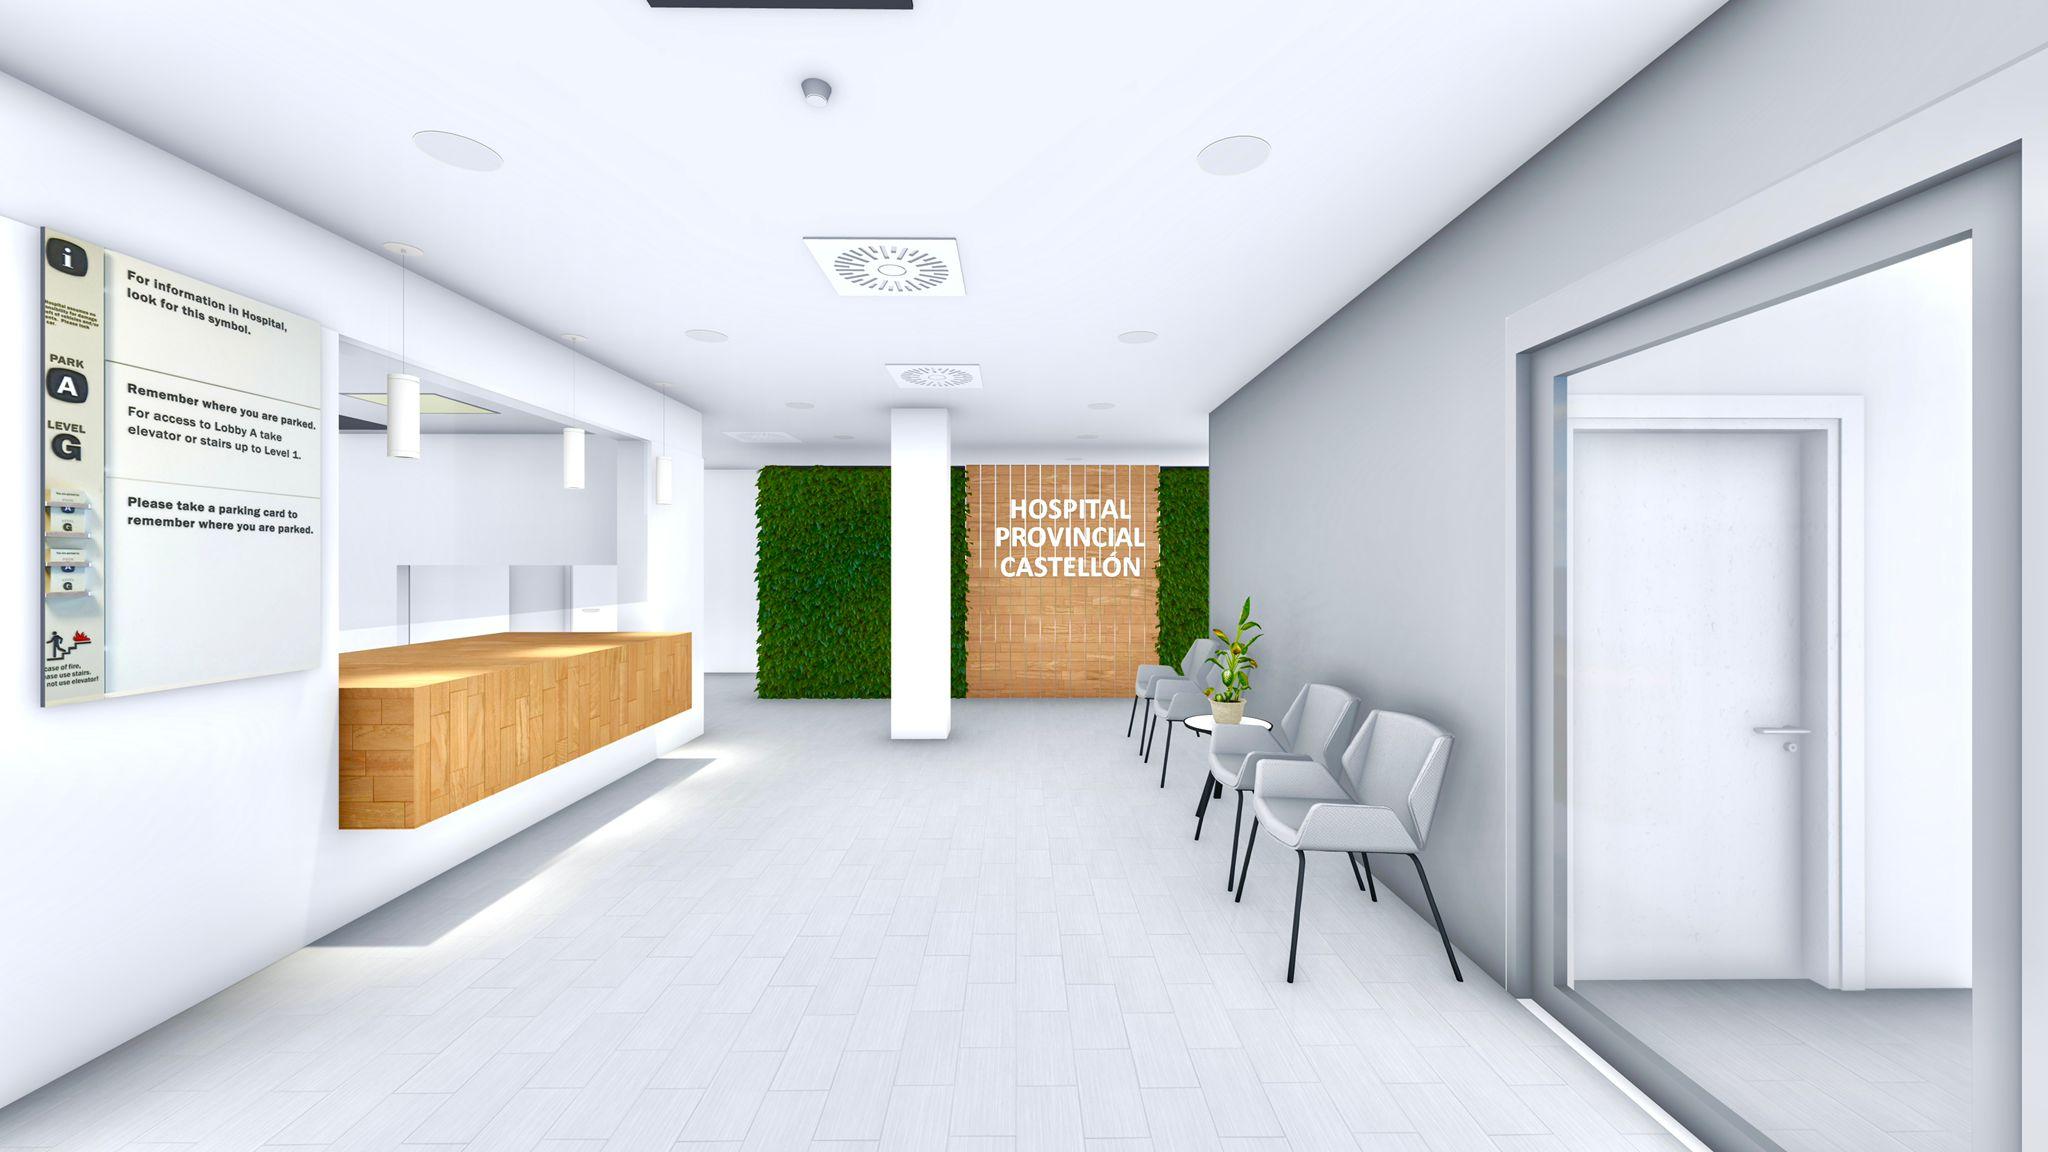 Sanitat adjudica les obres del nou edifici d'oncologia de l'Hospital Provincial de Castelló